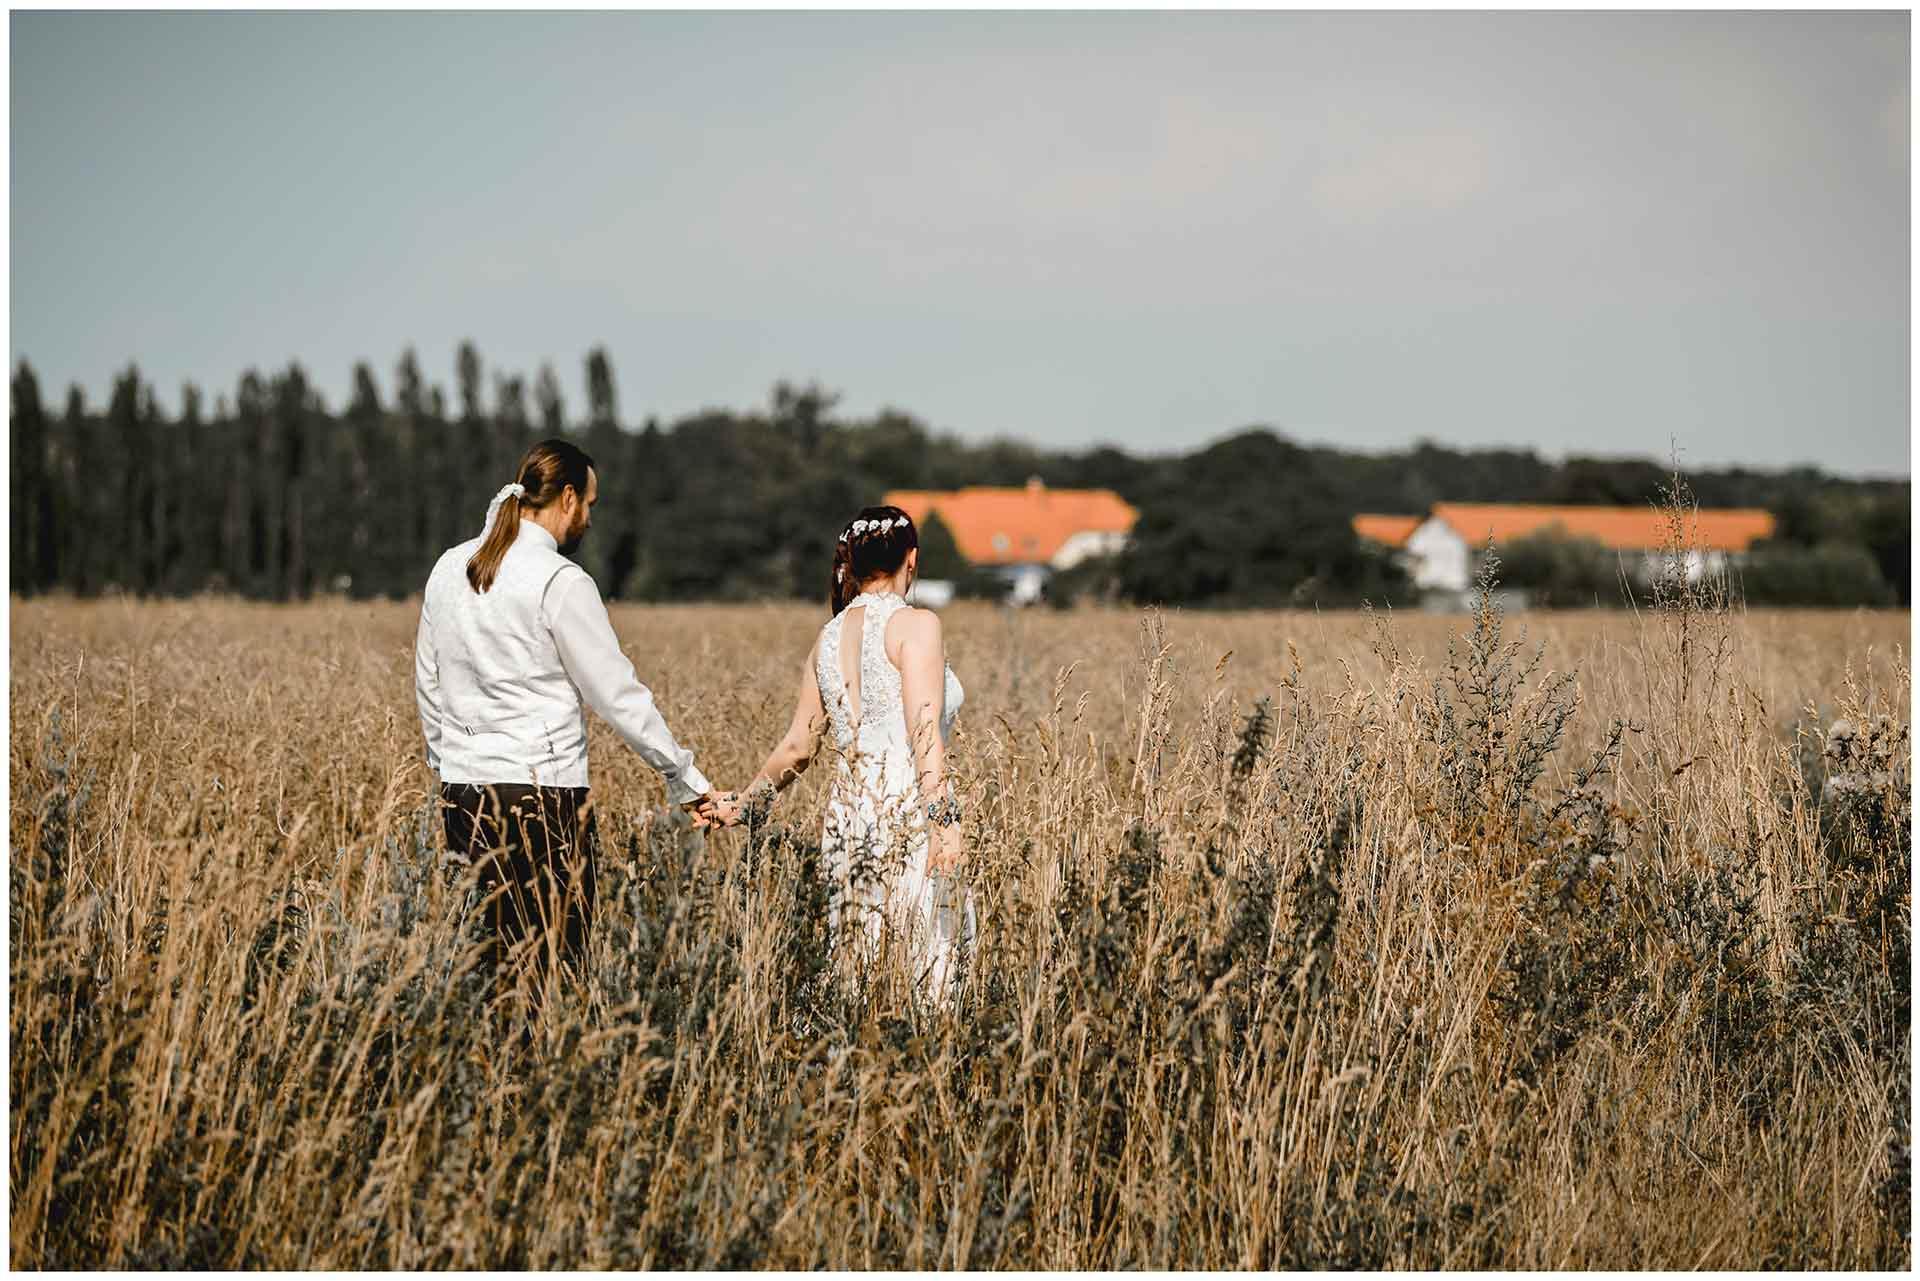 Hochzeitspaar-geht-im-Kornfeld-spazieren-Hochzeitsshooting-Hochzeit-am-Strand-Hochzeitsfotograf-Warnemuende-Hochzeitsfotograf-Rostock-Hochzeitsfotograf-Ostseebad-Warnemuende